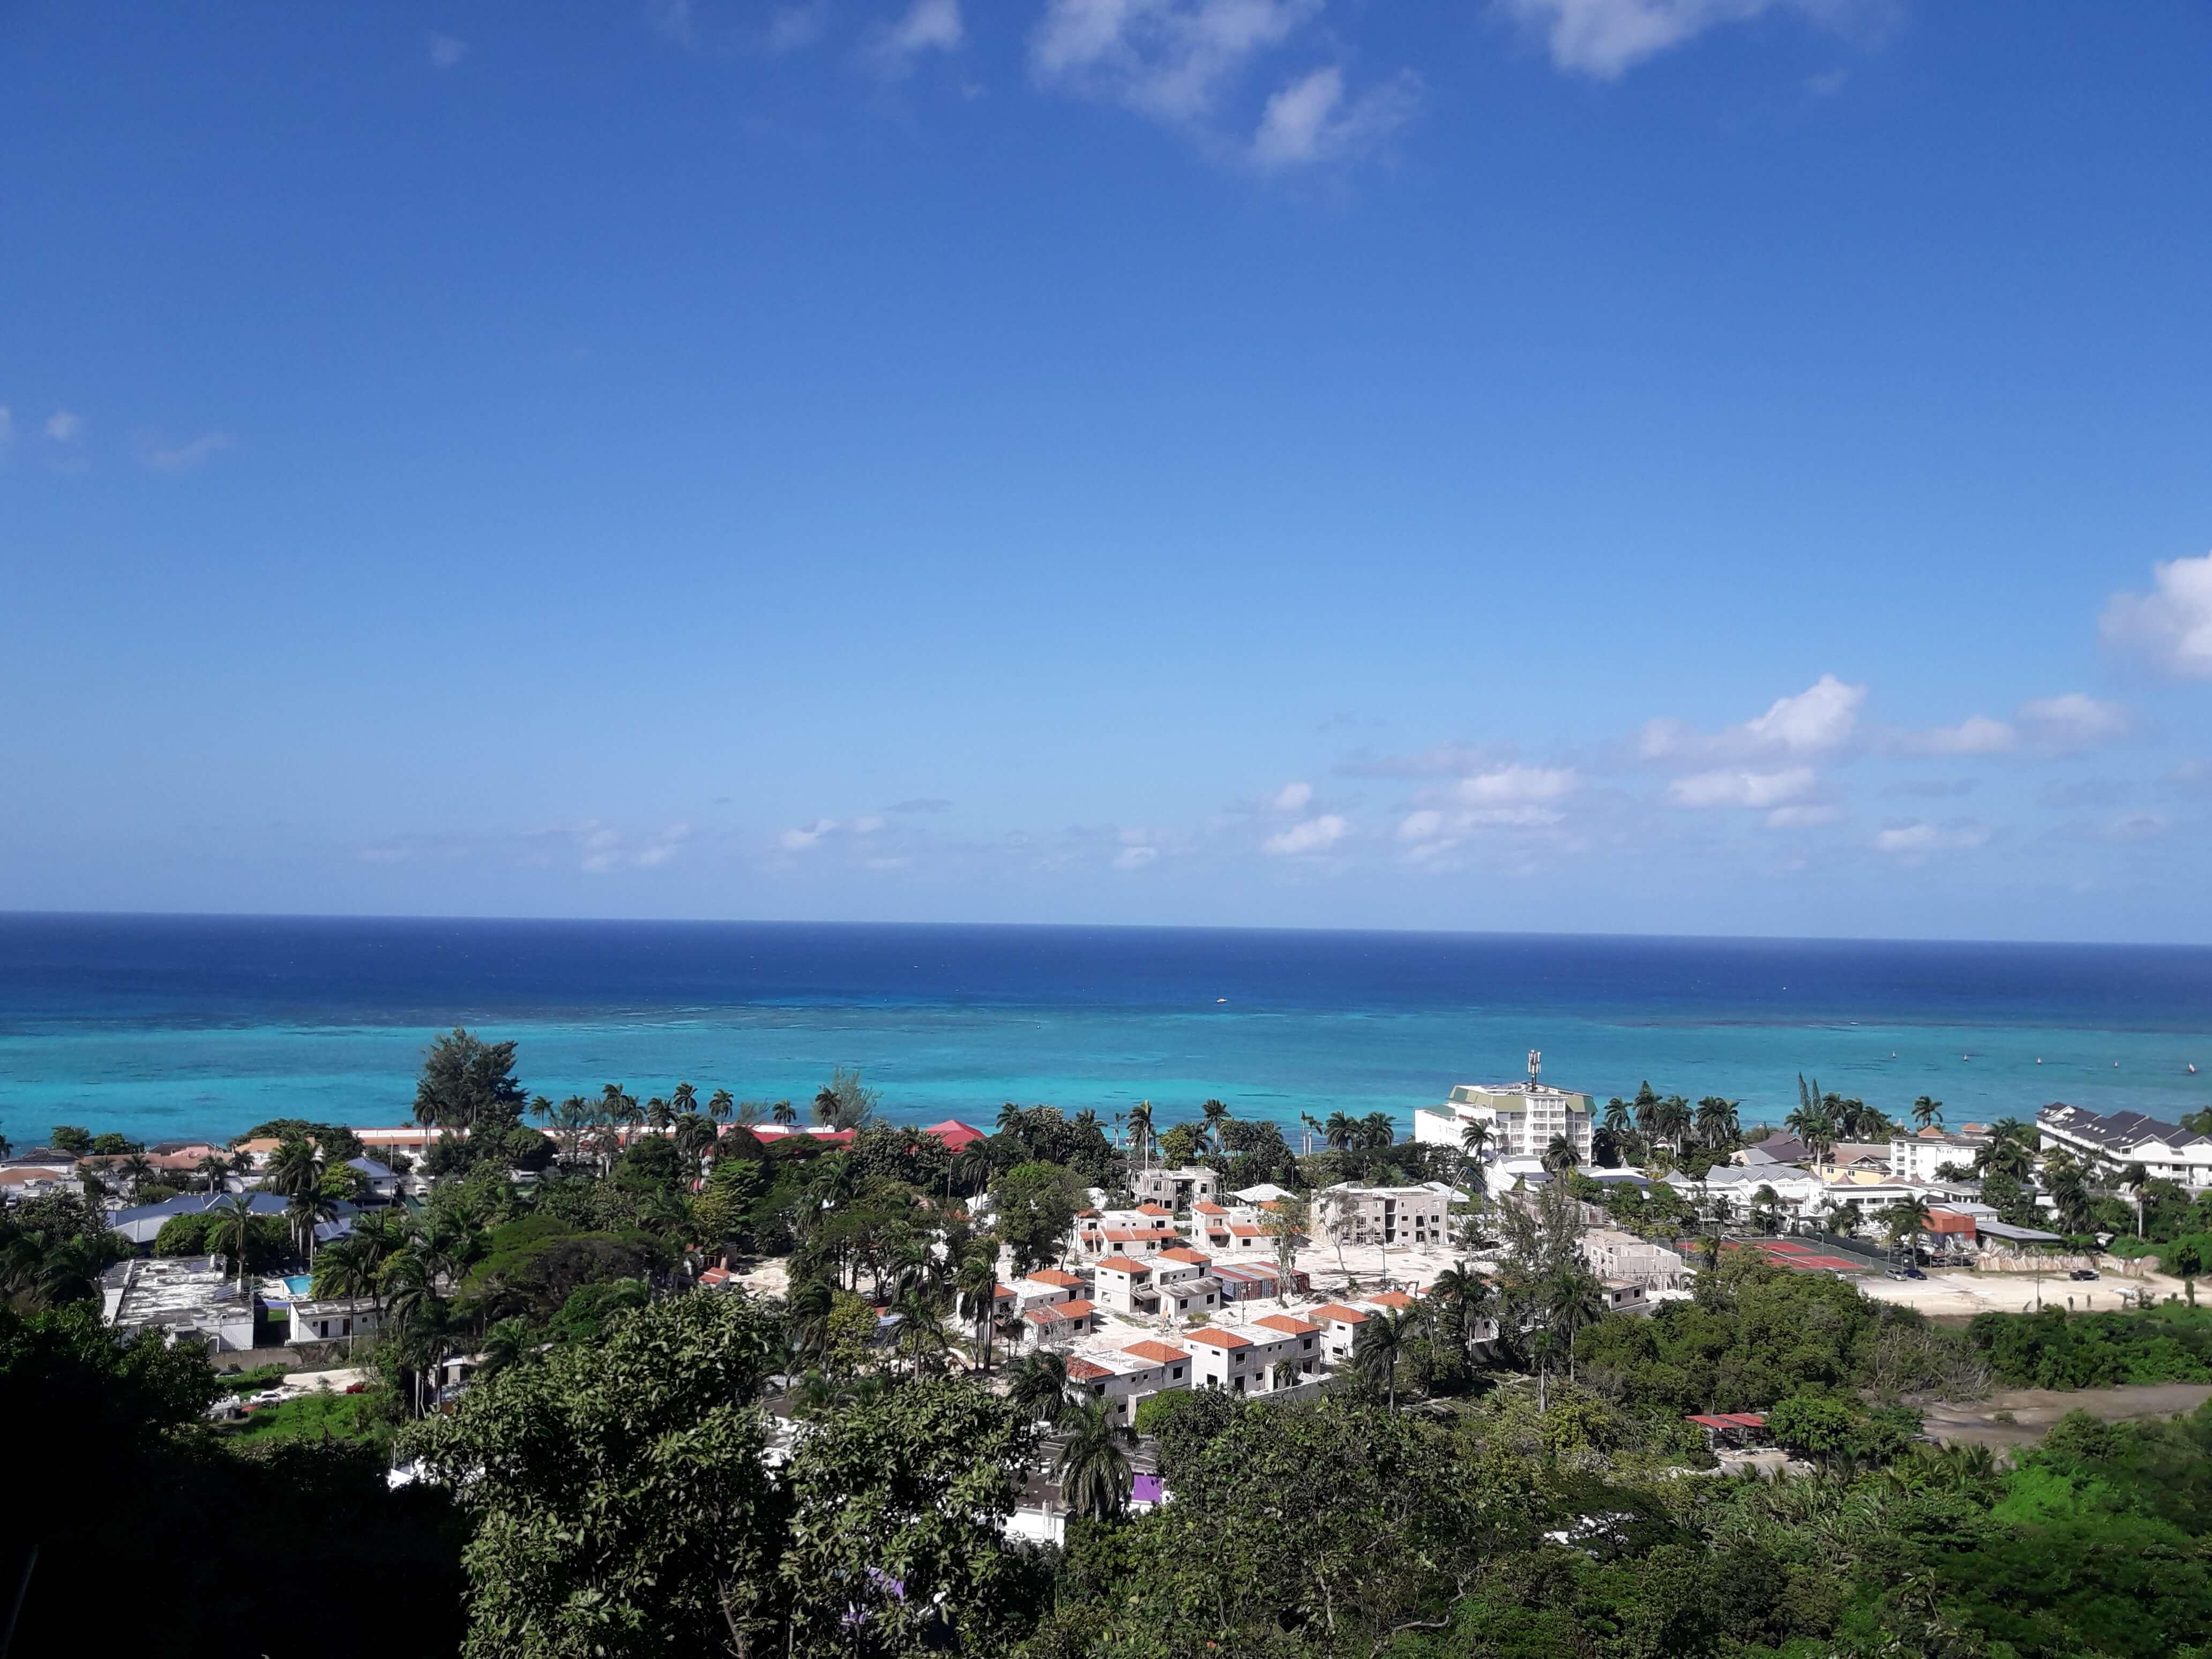 montego_bay_jamaica_aerial_view